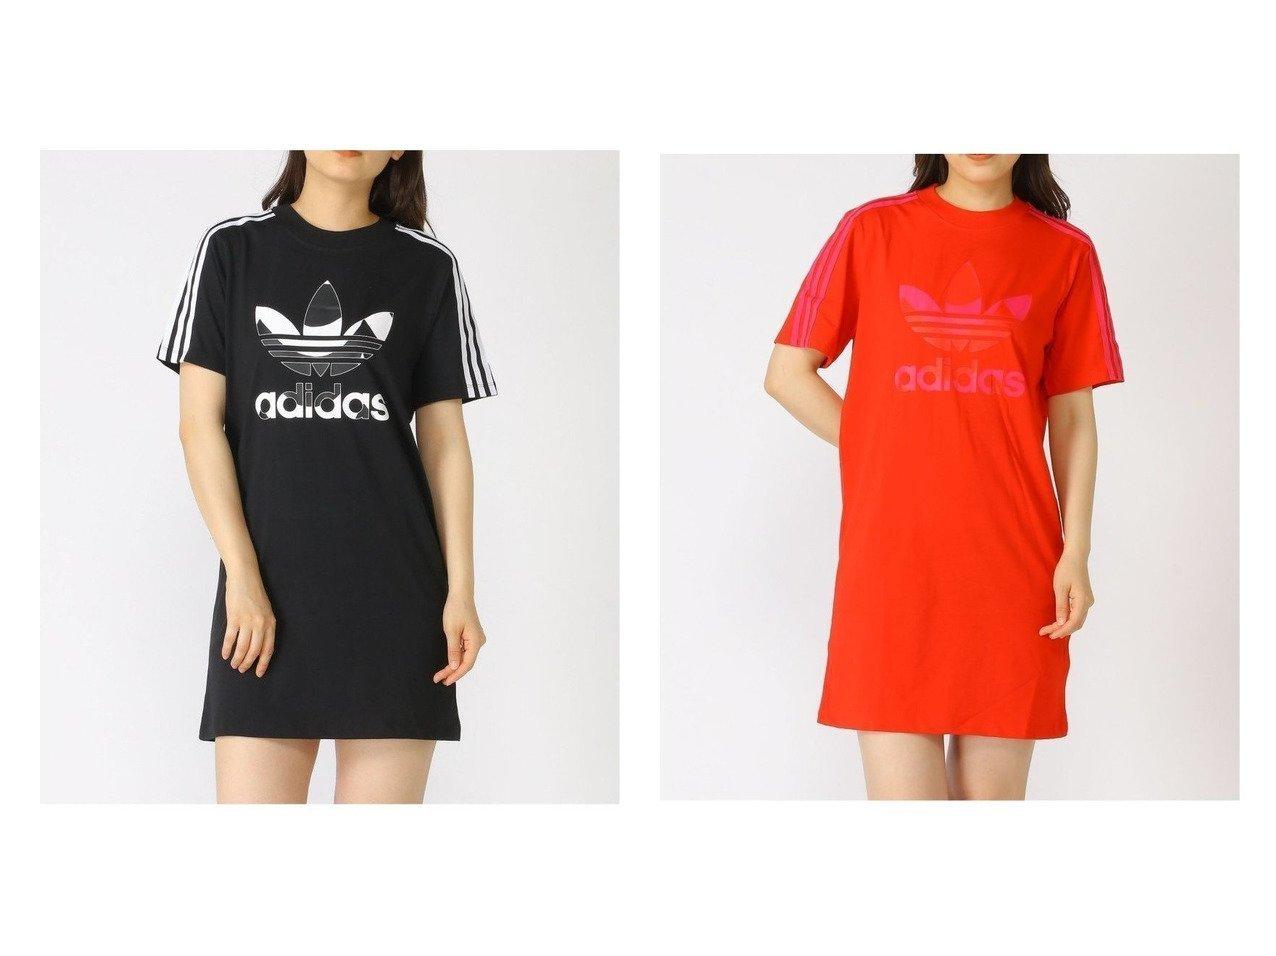 【adidas Originals/アディダス オリジナルス】のマリメッコ トレフォイル プリント インフィル Tシャツ ワンピース アディダスオリジナルス おすすめ!人気、トレンド・レディースファッションの通販 おすすめで人気の流行・トレンド、ファッションの通販商品 インテリア・家具・メンズファッション・キッズファッション・レディースファッション・服の通販 founy(ファニー) https://founy.com/ ファッション Fashion レディースファッション WOMEN ワンピース Dress シャツワンピース Shirt Dresses キャラクター ジャージー スポーツ チュニック 人気 プリント 半袖 ミックス  ID:crp329100000062564